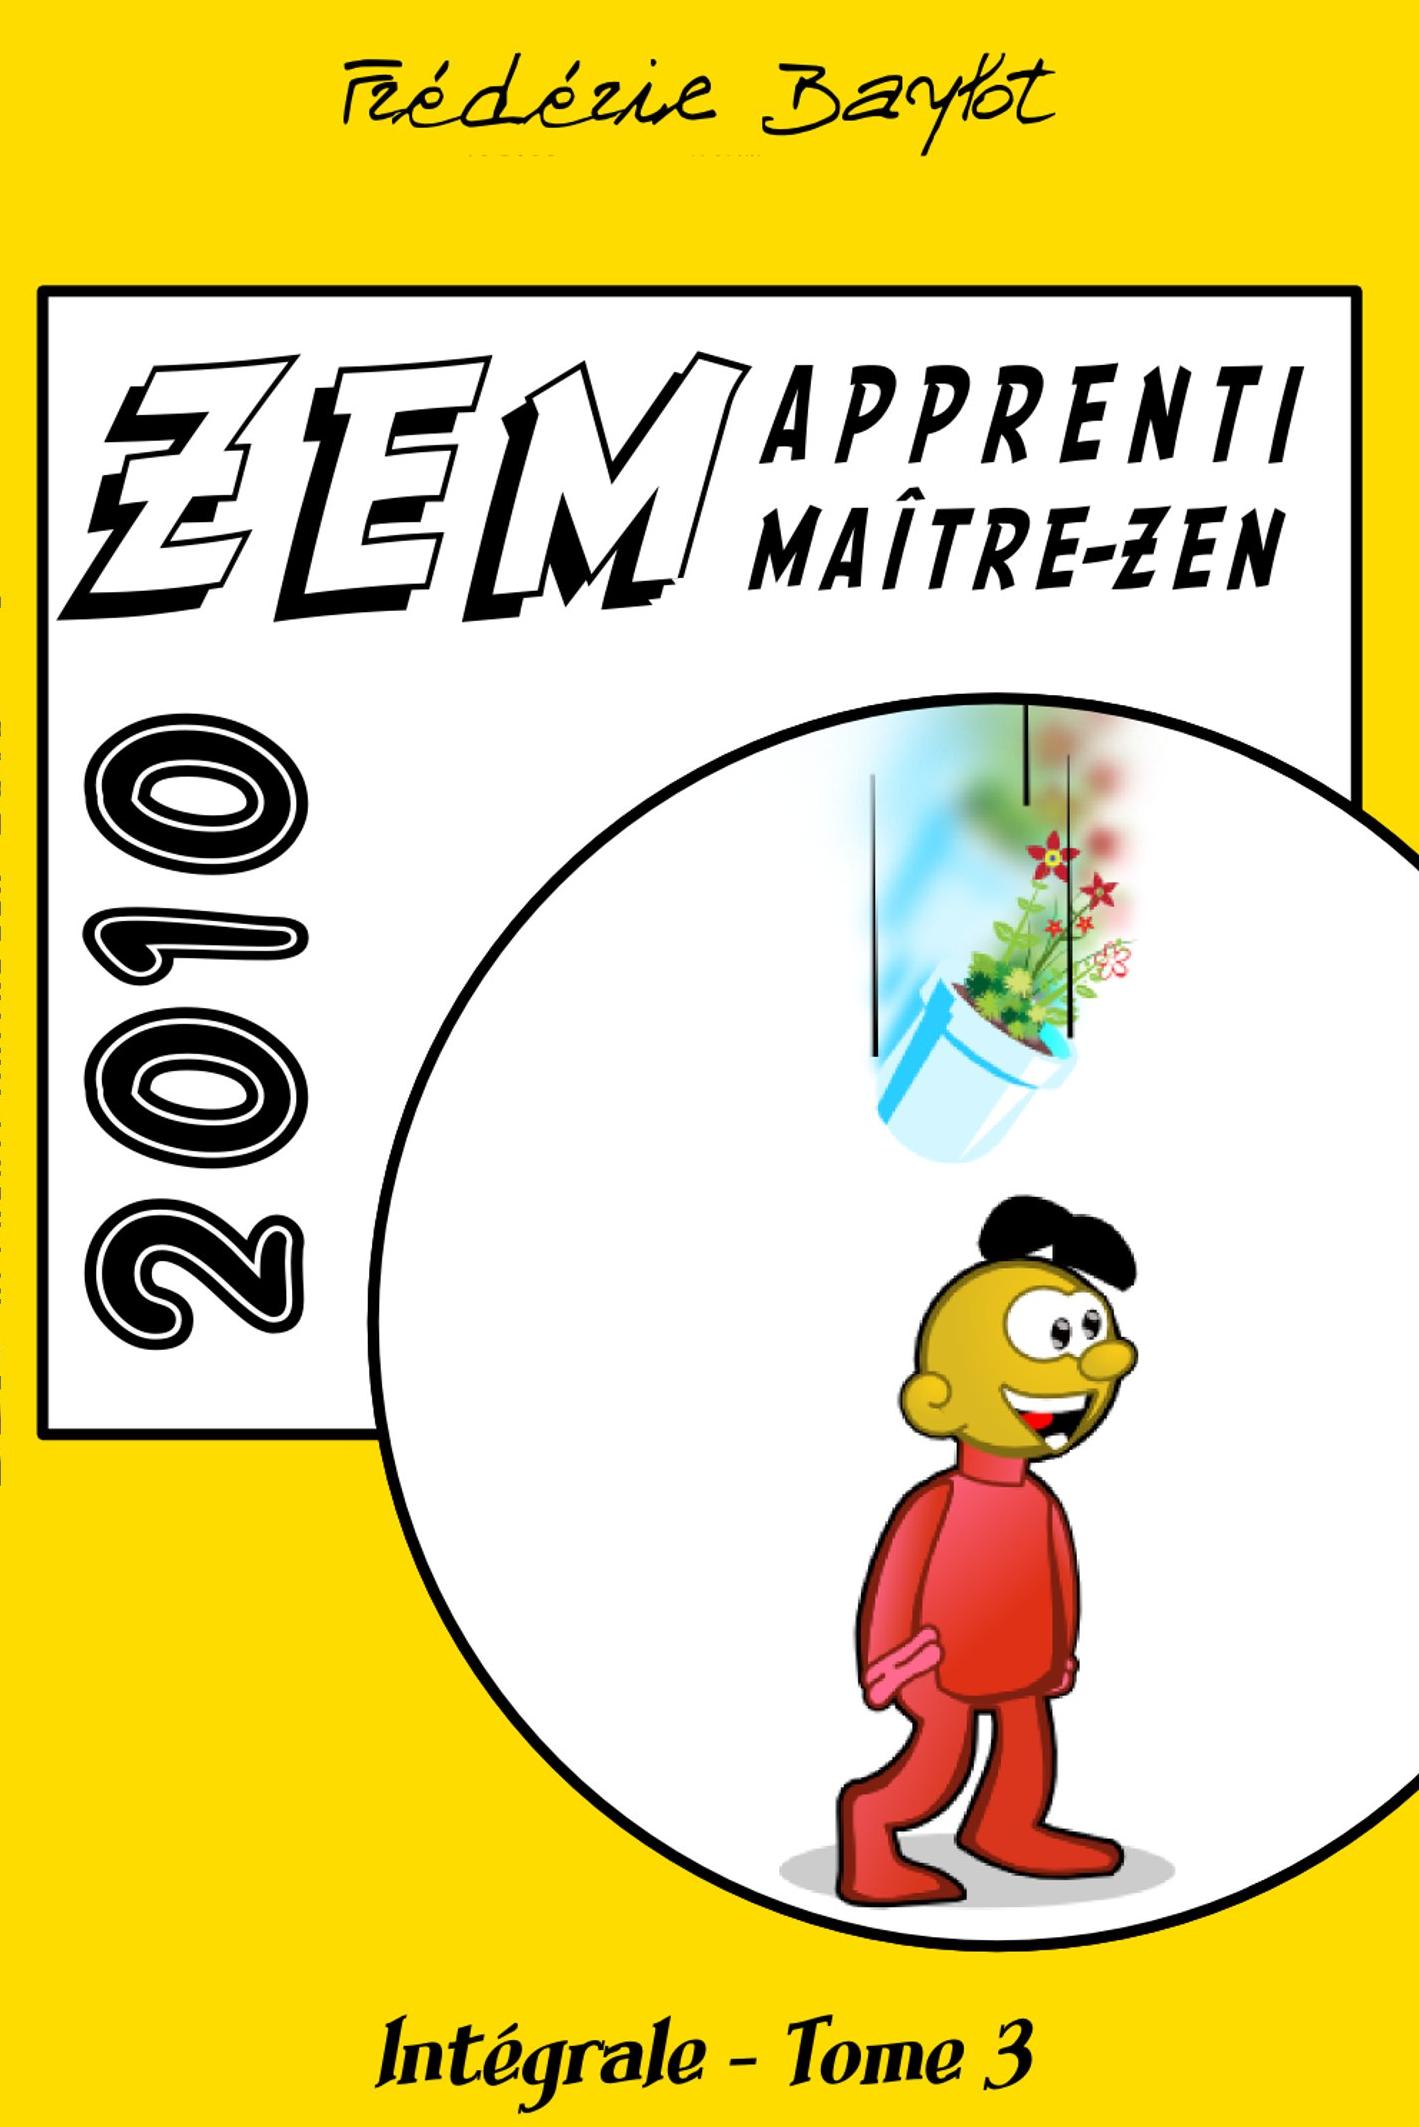 ZEM, intégrale, Tome 3, 2010